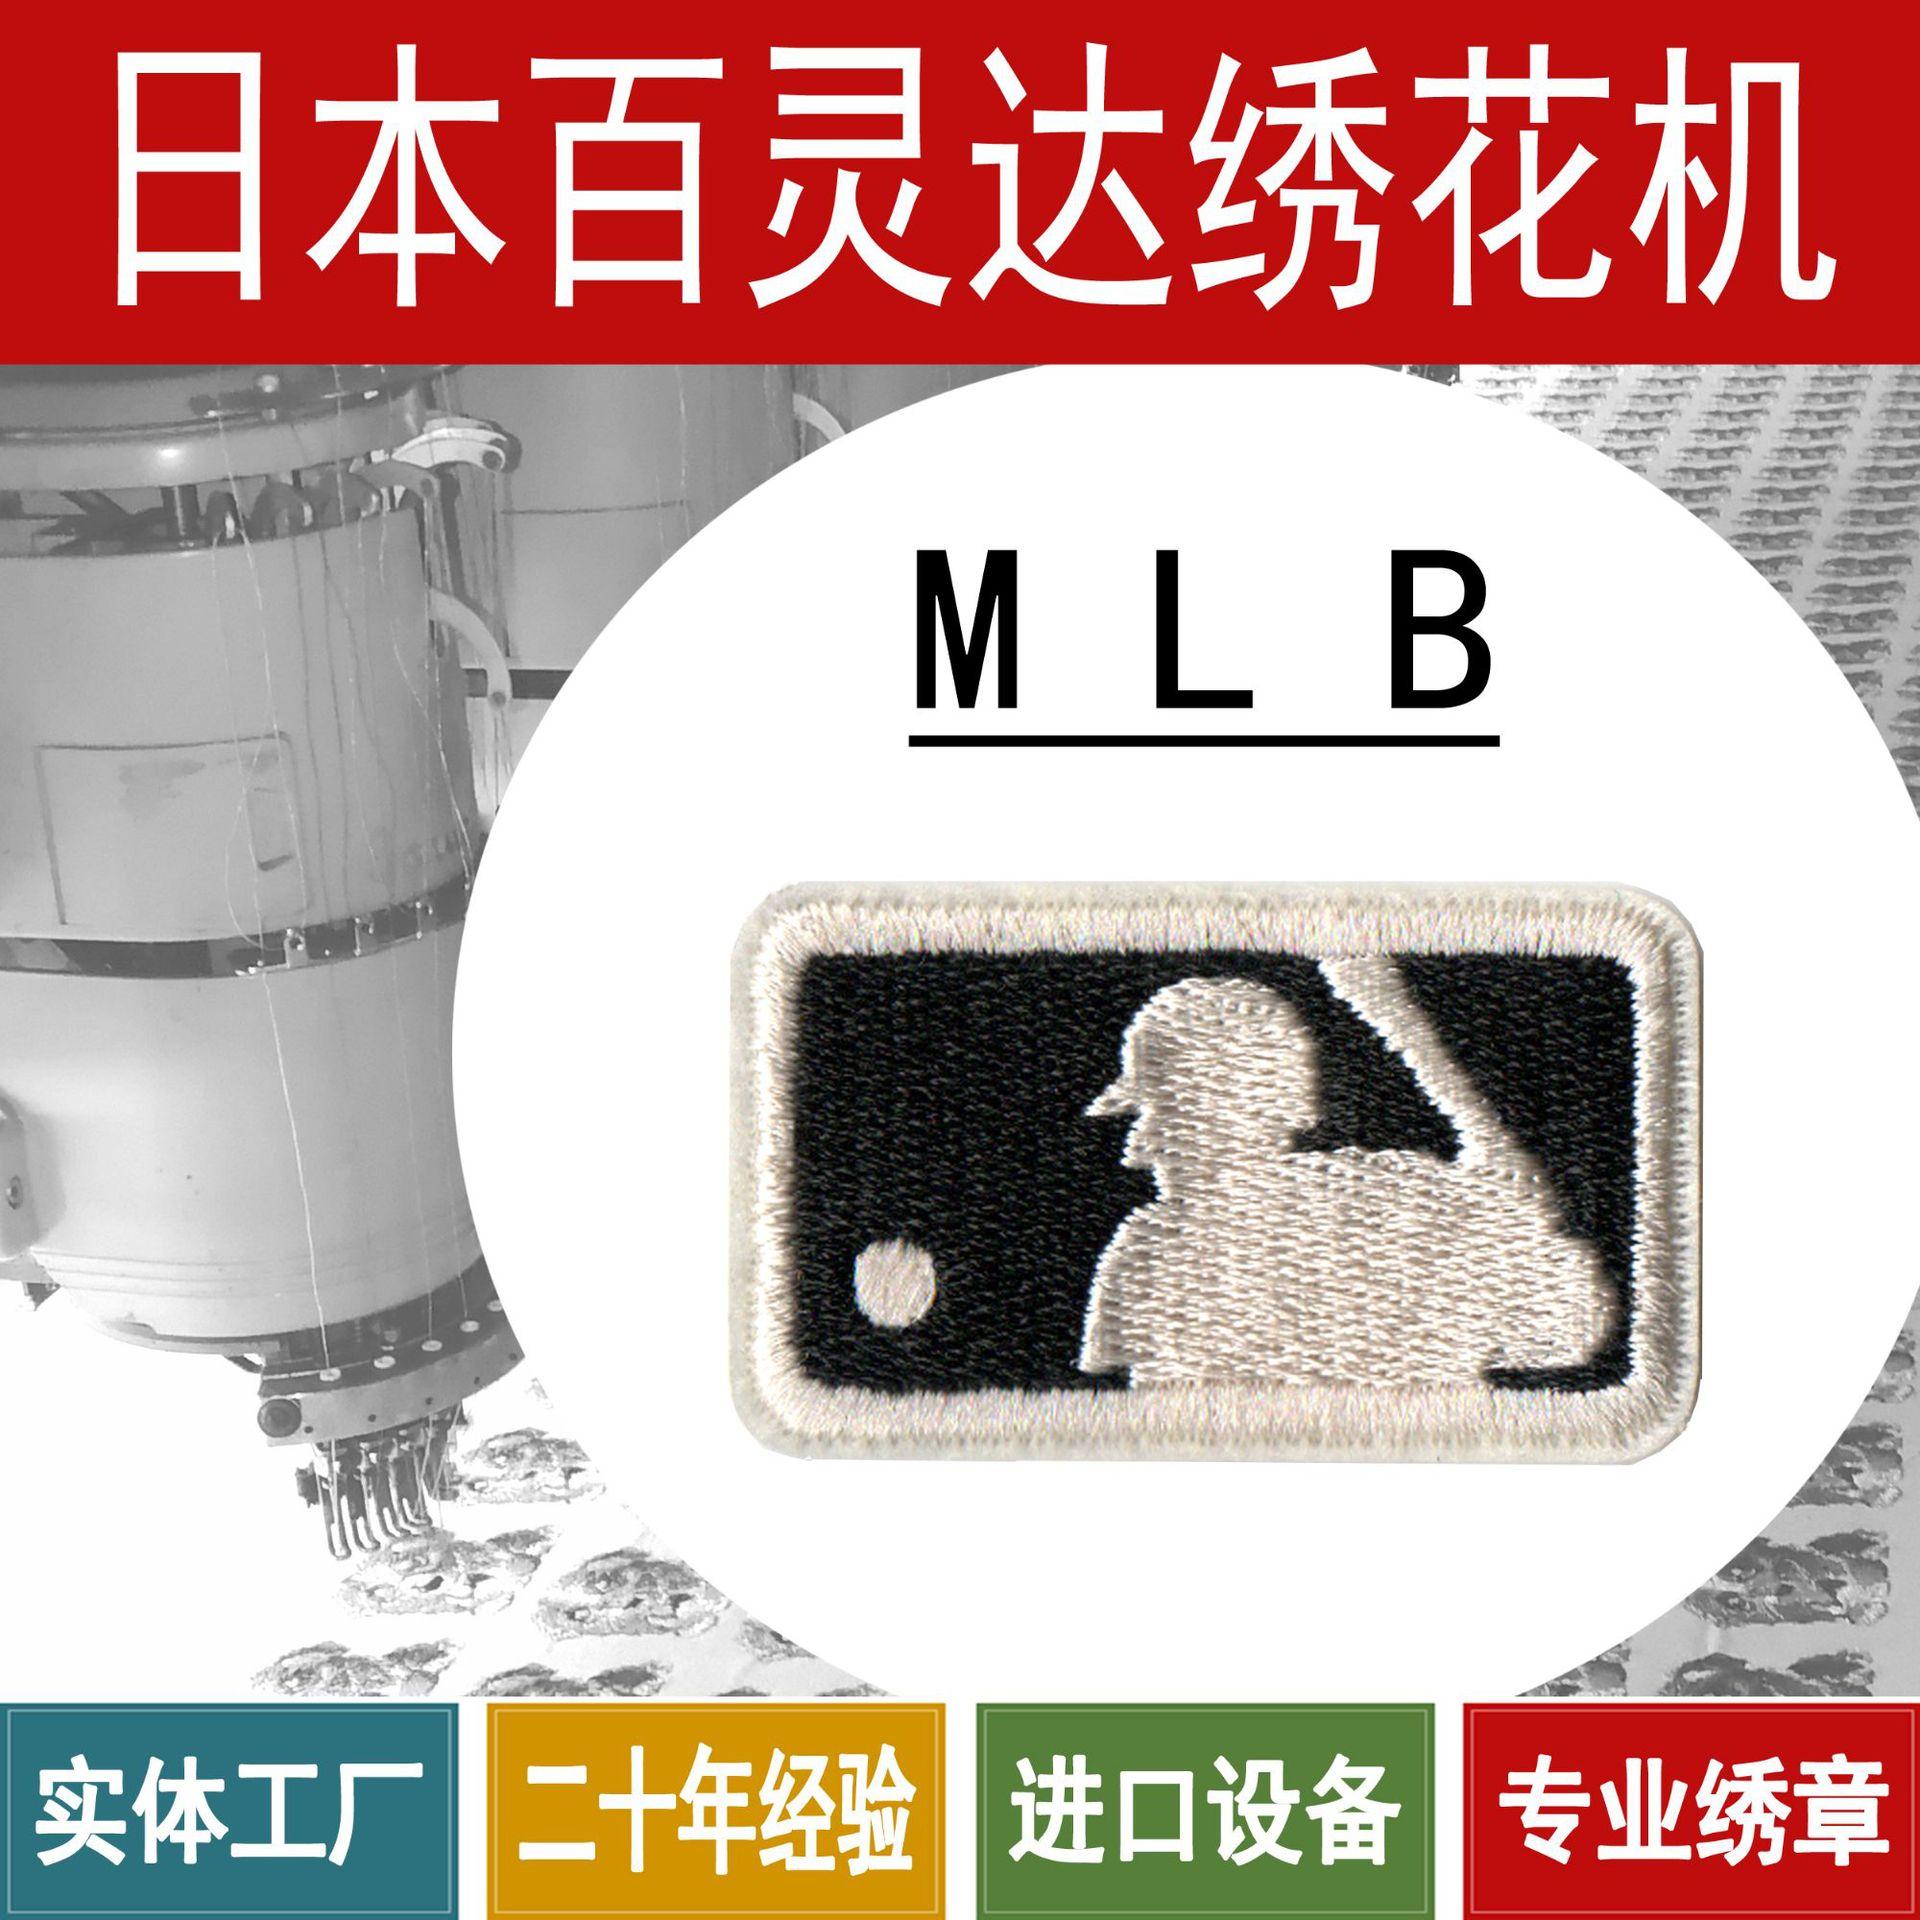 进口机绣潮牌MLB绣花章布贴布标衣服补丁绣花标刺绣商标徽章胸章